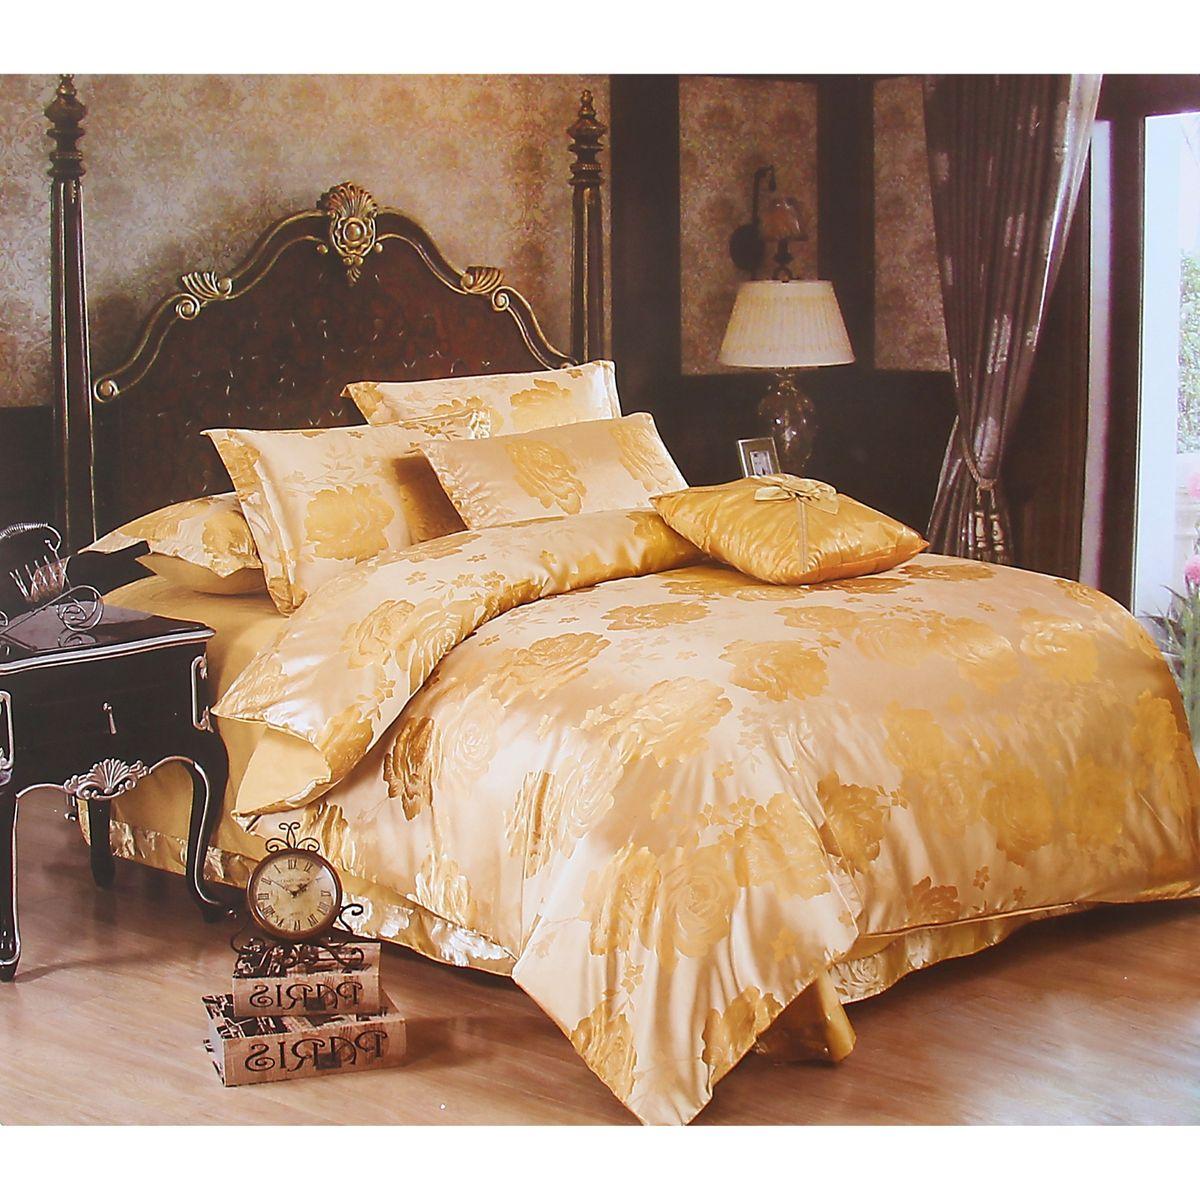 Комплект белья Этель Комильфо, евро, наволочки 50x70, цвет: бежевый, золотистый103573Комплект постельного белья Этель Комильфо состоит из пододеяльника на молнии, простыни и двух наволочек. Удивительной красоты вышивка, нанесенная на белье, сочетает в себе нежность и теплоту. Постельное белье Этель Комильфо создано для романтичных натур, которые любят изысканный дизайн. Белье изготовлено из 100% хлопка и тканного жаккарда отвечающего всем необходимым нормативным стандартам. Жаккард - это ткань фактурного плетения, в которой нити очень плотно переплетены и образуют узорчатый рельеф. Это очень практичный материал, неприхотливый в уходе, более долговечный, по сравнению с другими тканями, полученными одним из простых способов плетения. Приобретая комплект постельного белья Этель Комильфо, вы можете быть уверенны в том, что покупка доставит вам и вашим близким удовольствие и подарит максимальный комфорт.